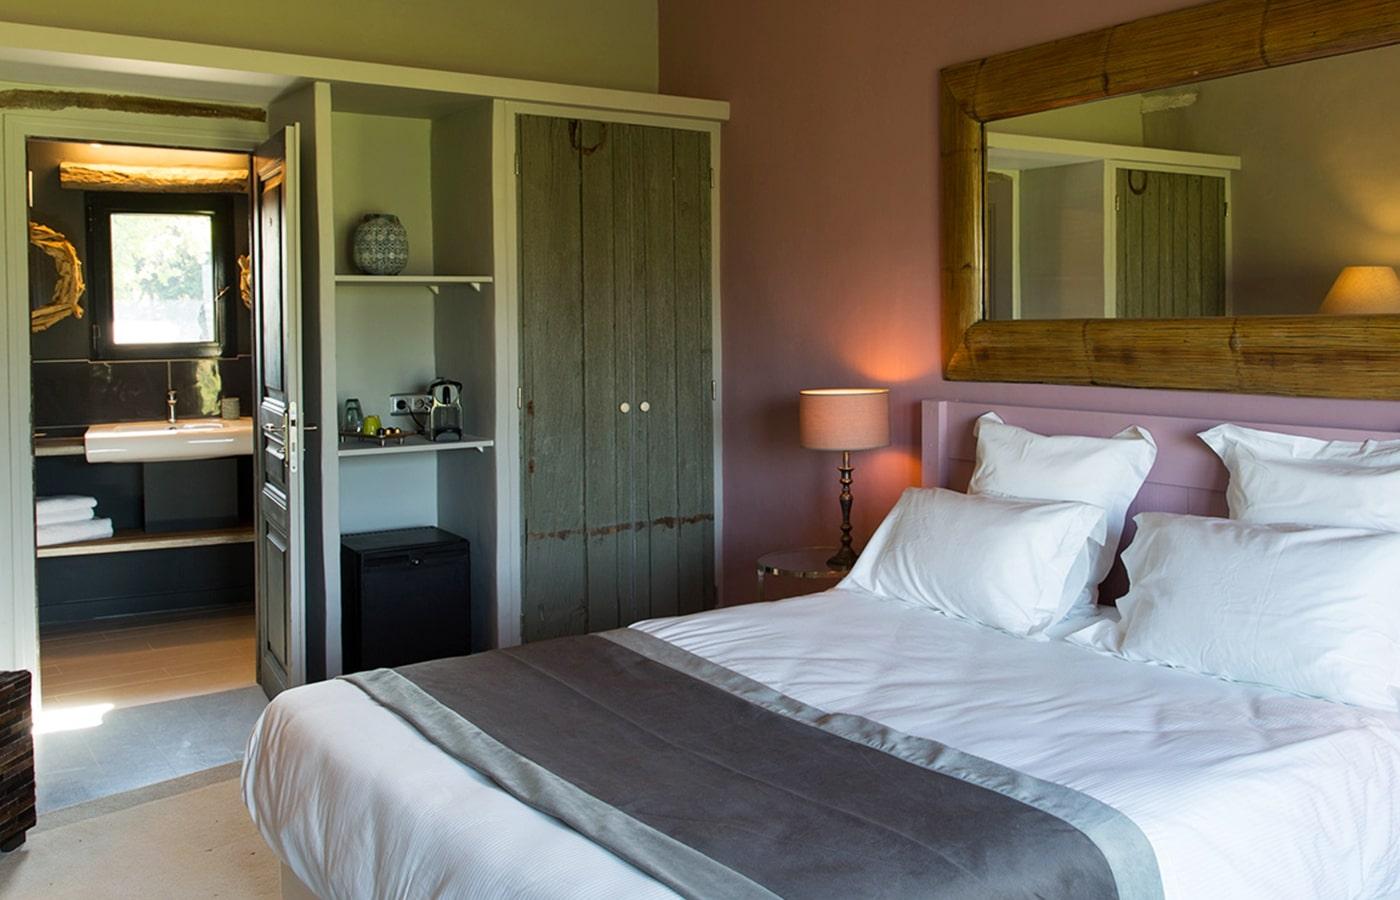 La Maison de Crillon - Hotel au coeur du Vaucluse